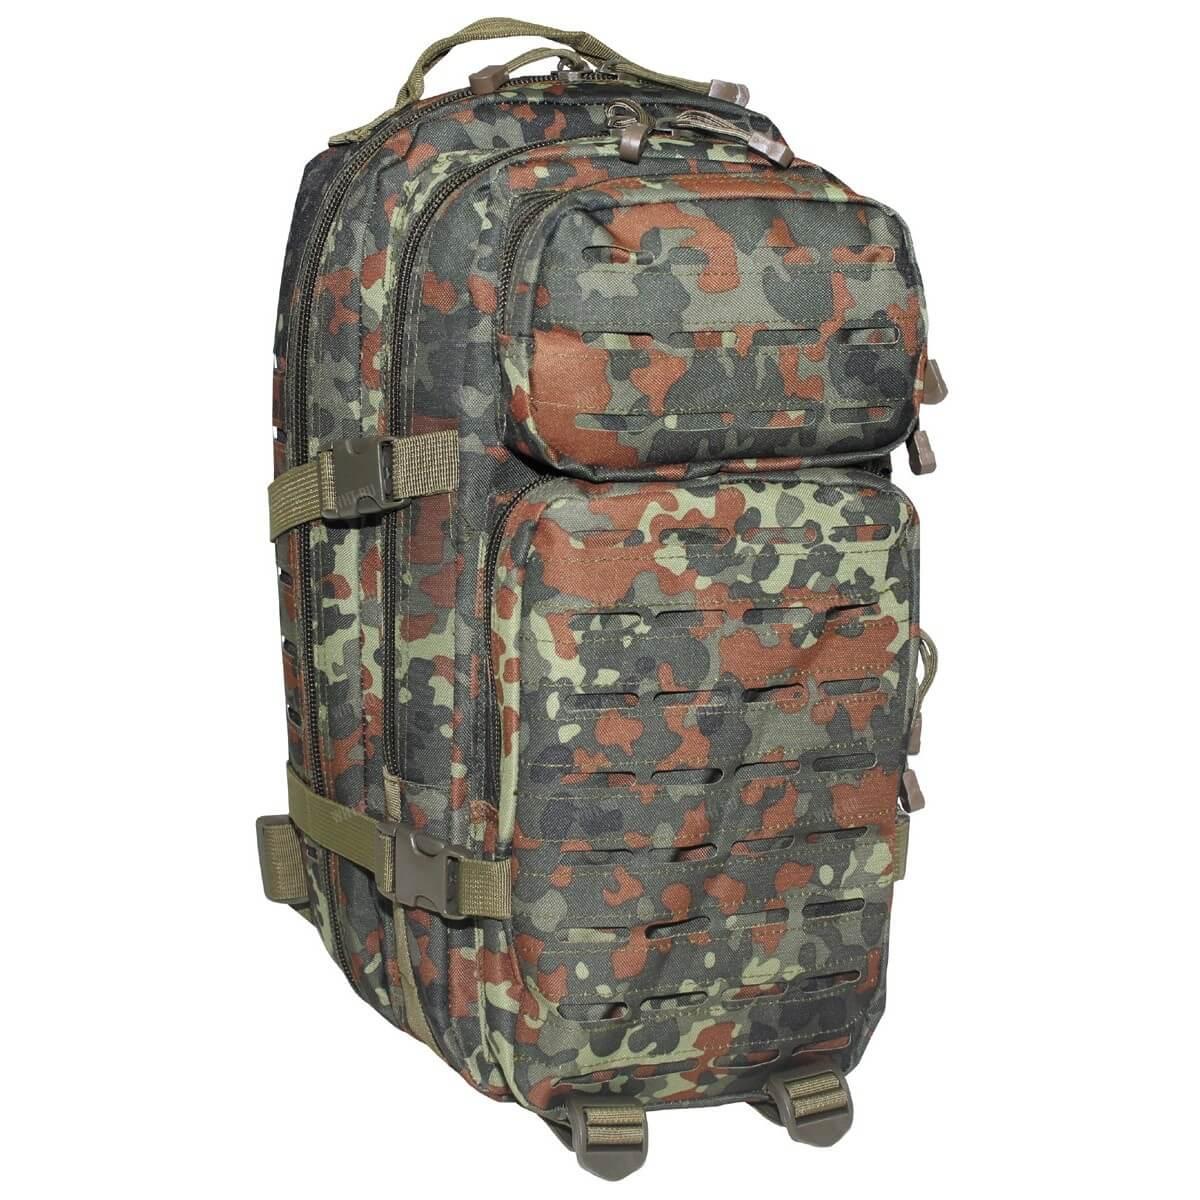 06c743cc21d5 Тактический рюкзак US Assault I Laser (30 литров), камуфляж Flecktarn